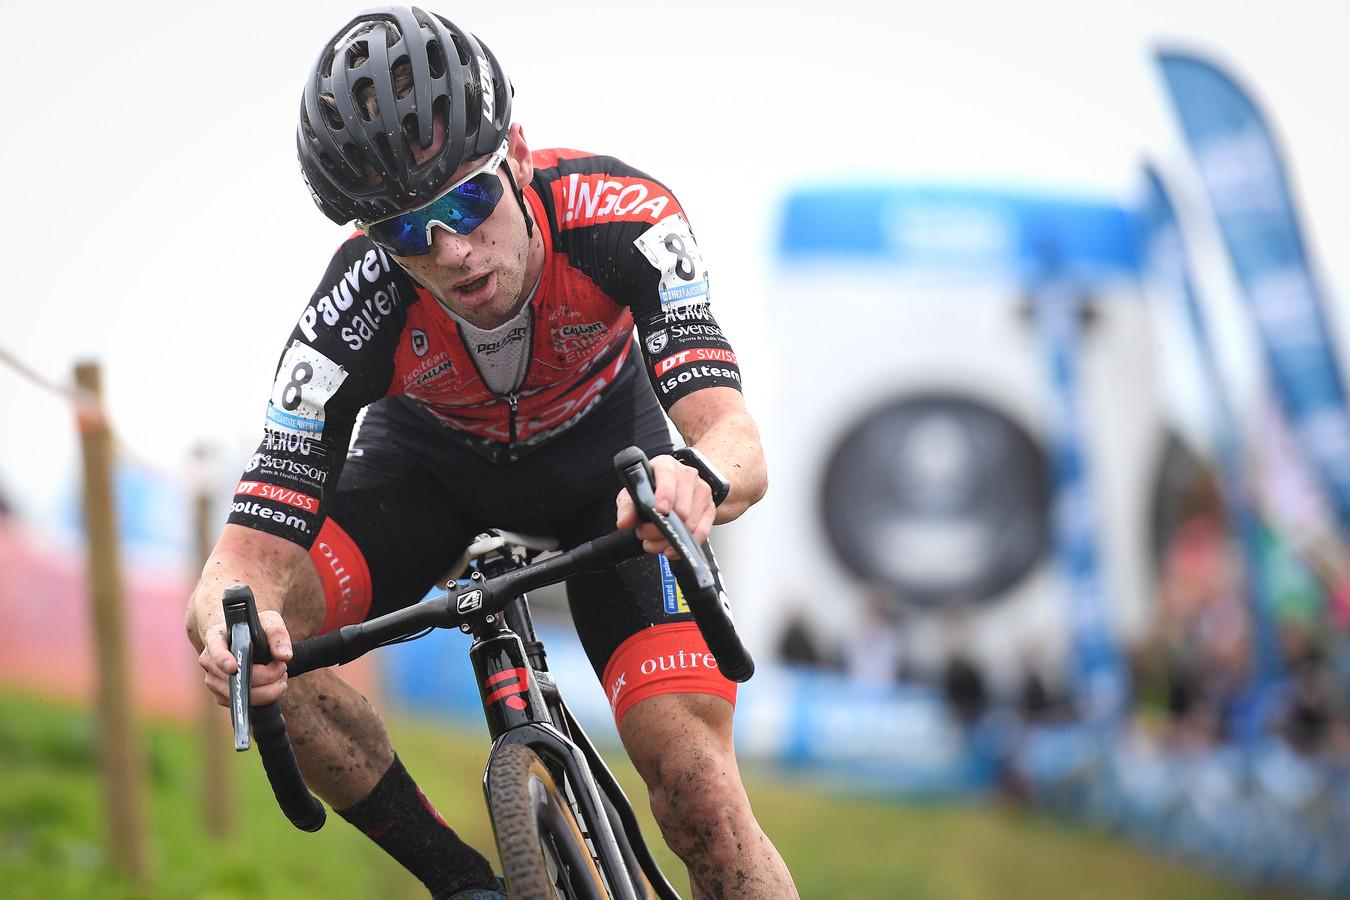 Eli Iserbyt in actie tijdens de Polderscross van vorig jaar.